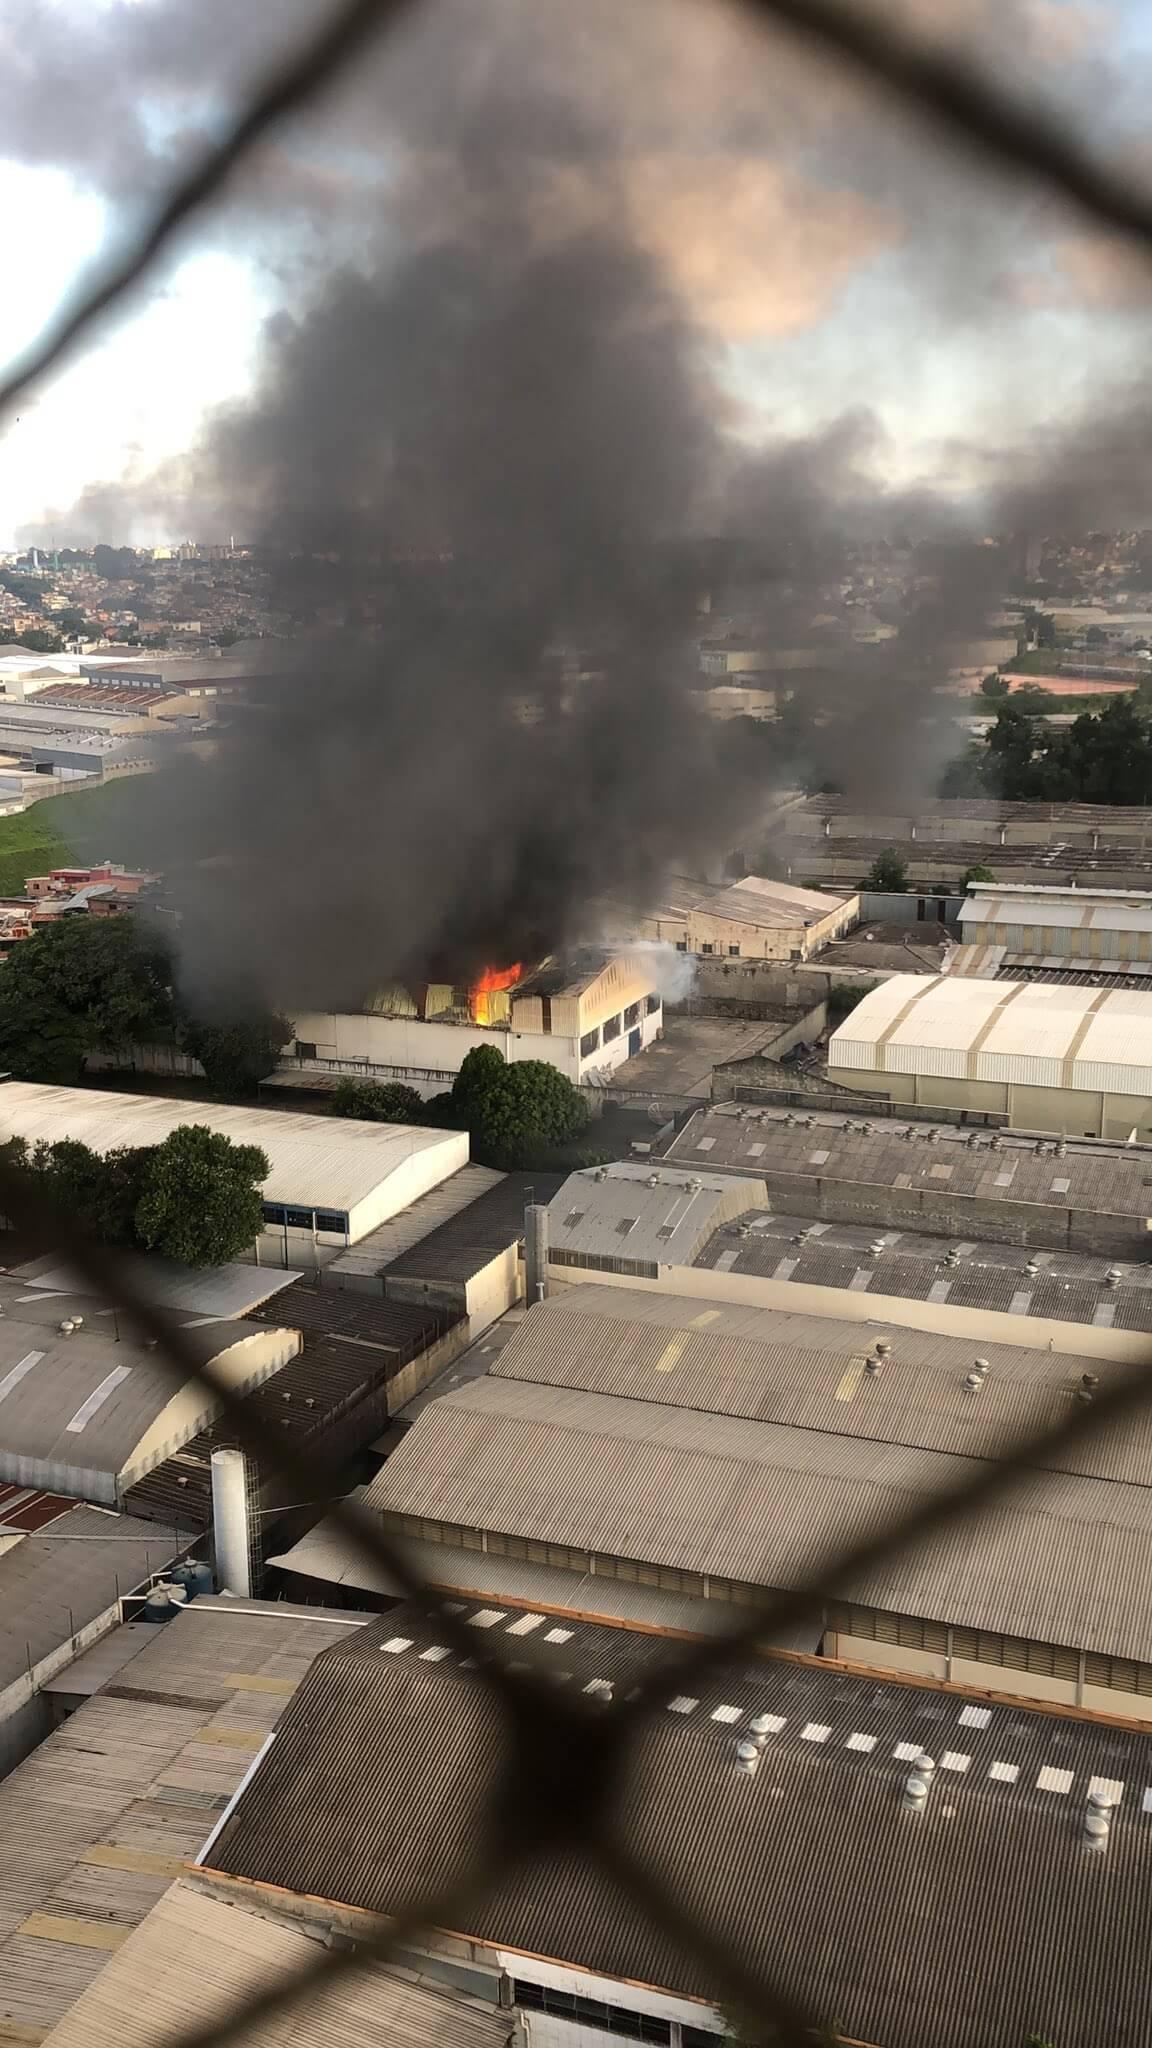 Brasil: Incendio afectó almacén en el que se guardaban cientos de obras de arte de las principales galerías del país